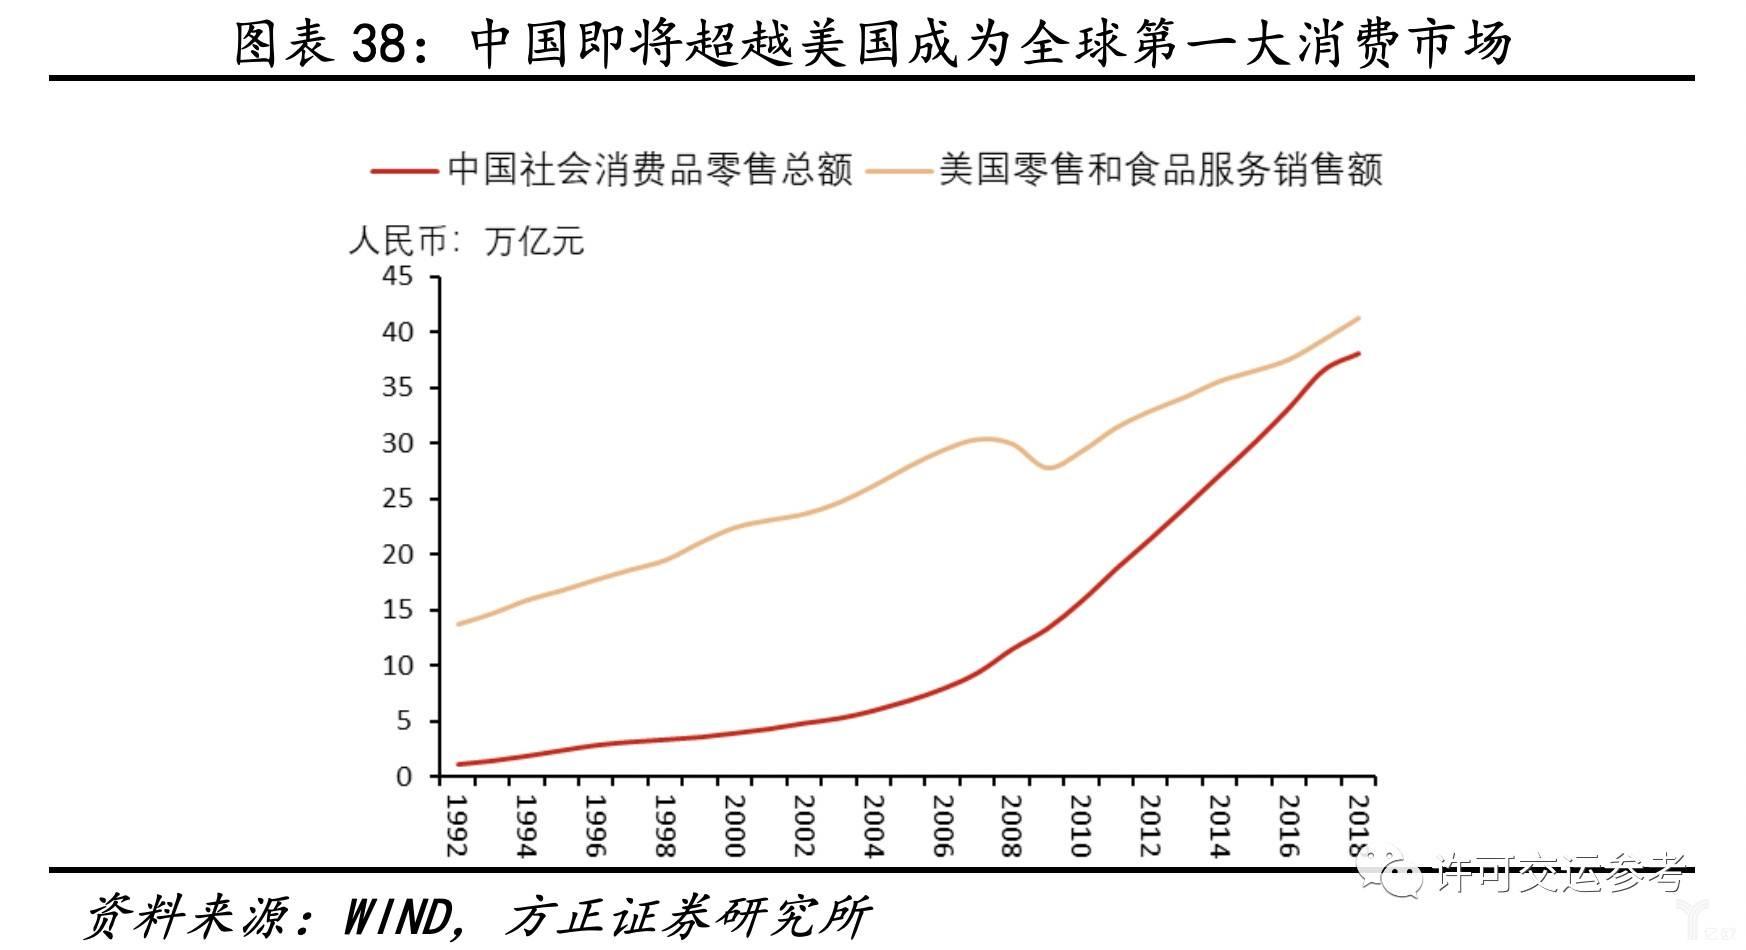 中国即将超越美国成为全球第一大消费市场